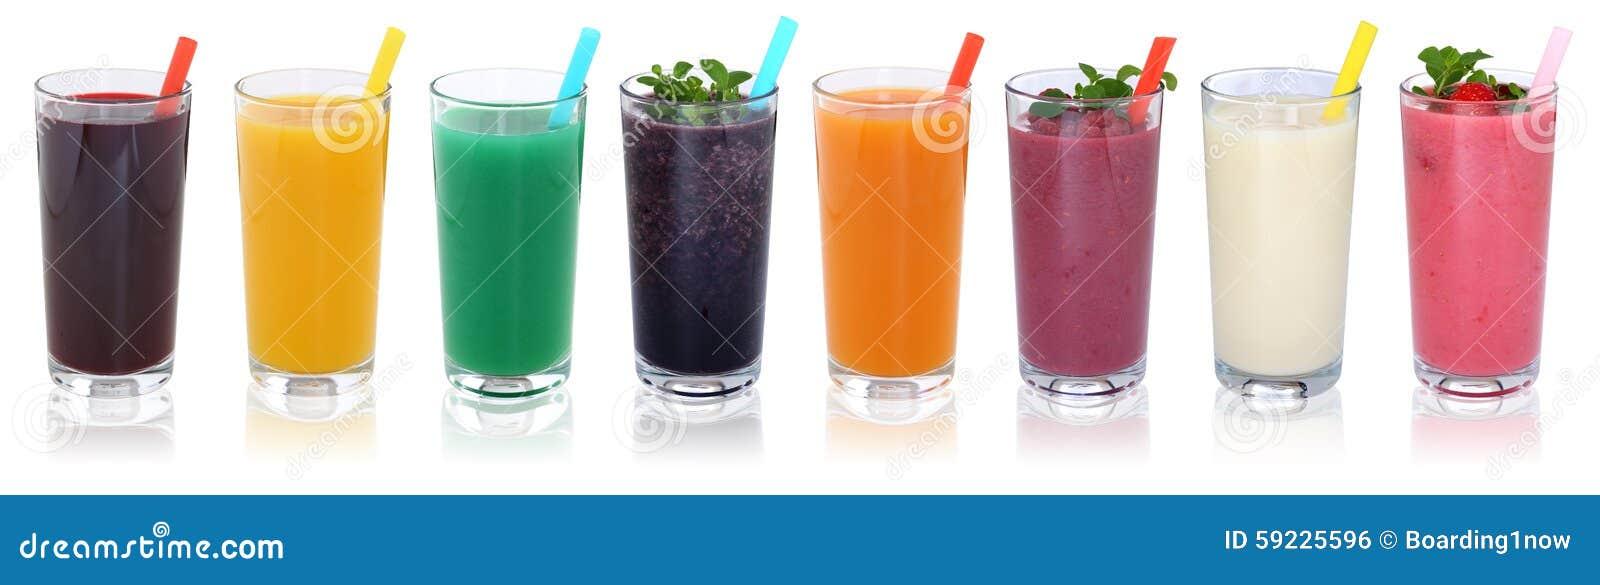 Los smoothies del zumo de fruta del Smoothie beben con isola de las frutas en fila